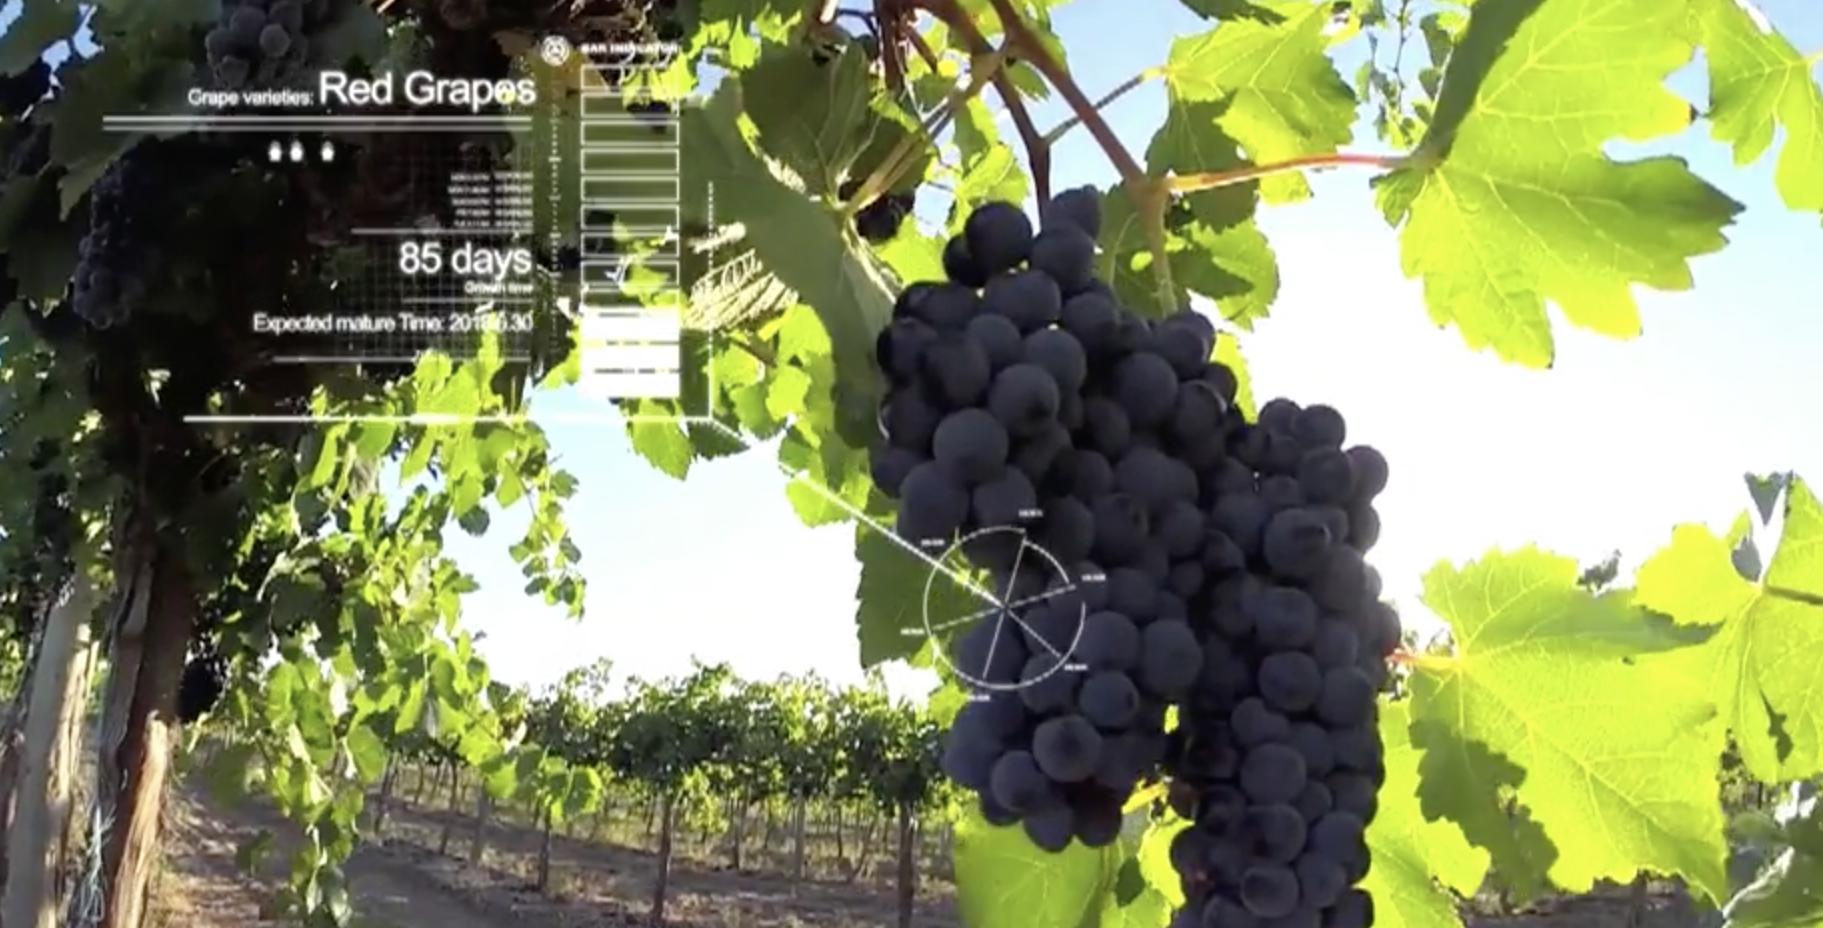 5G Grado di maturazione dell'uva